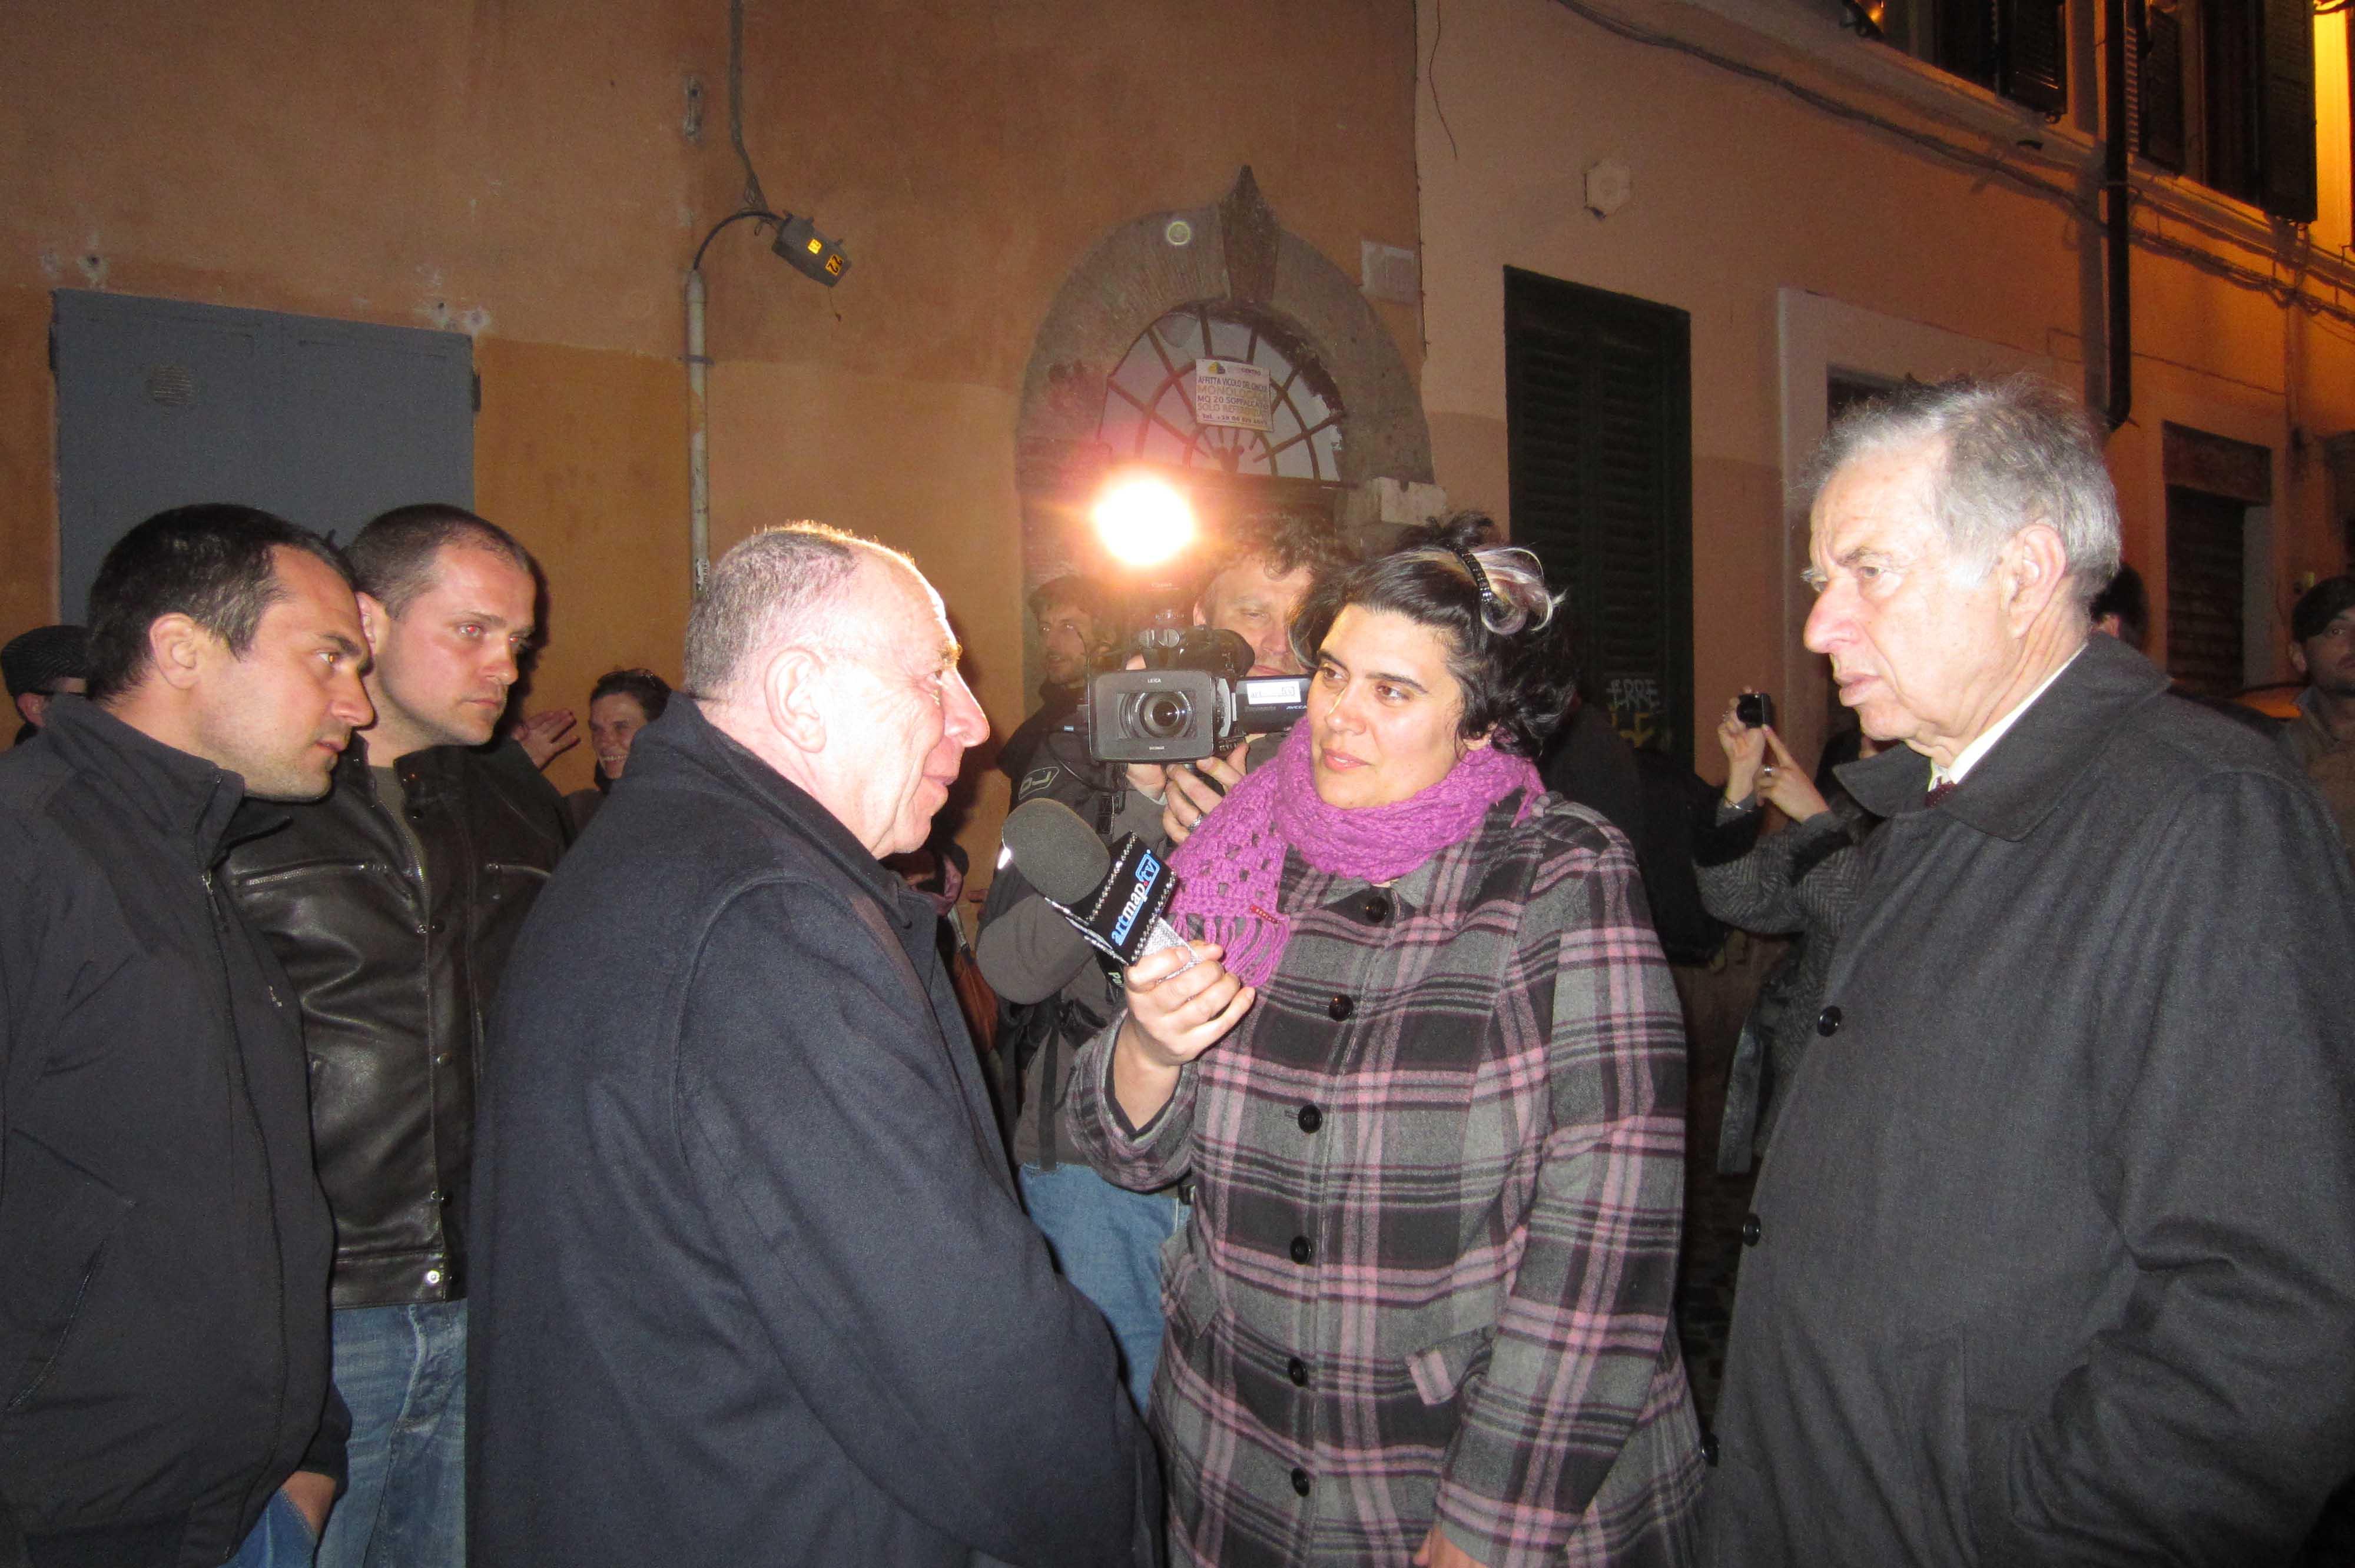 Edicola Notte - Intervista ad Alviani